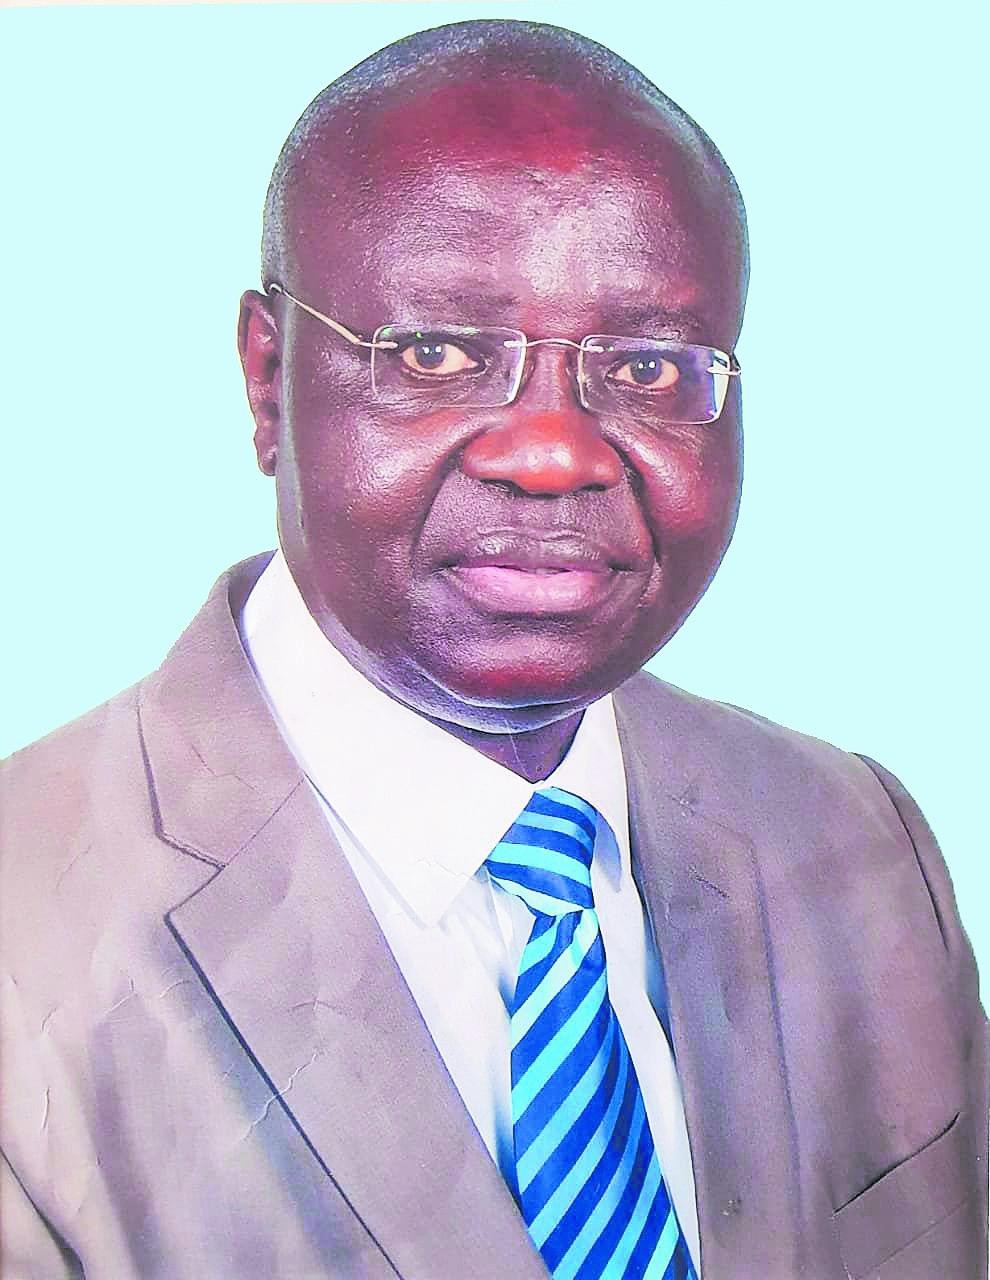 Paul Abiero Kere